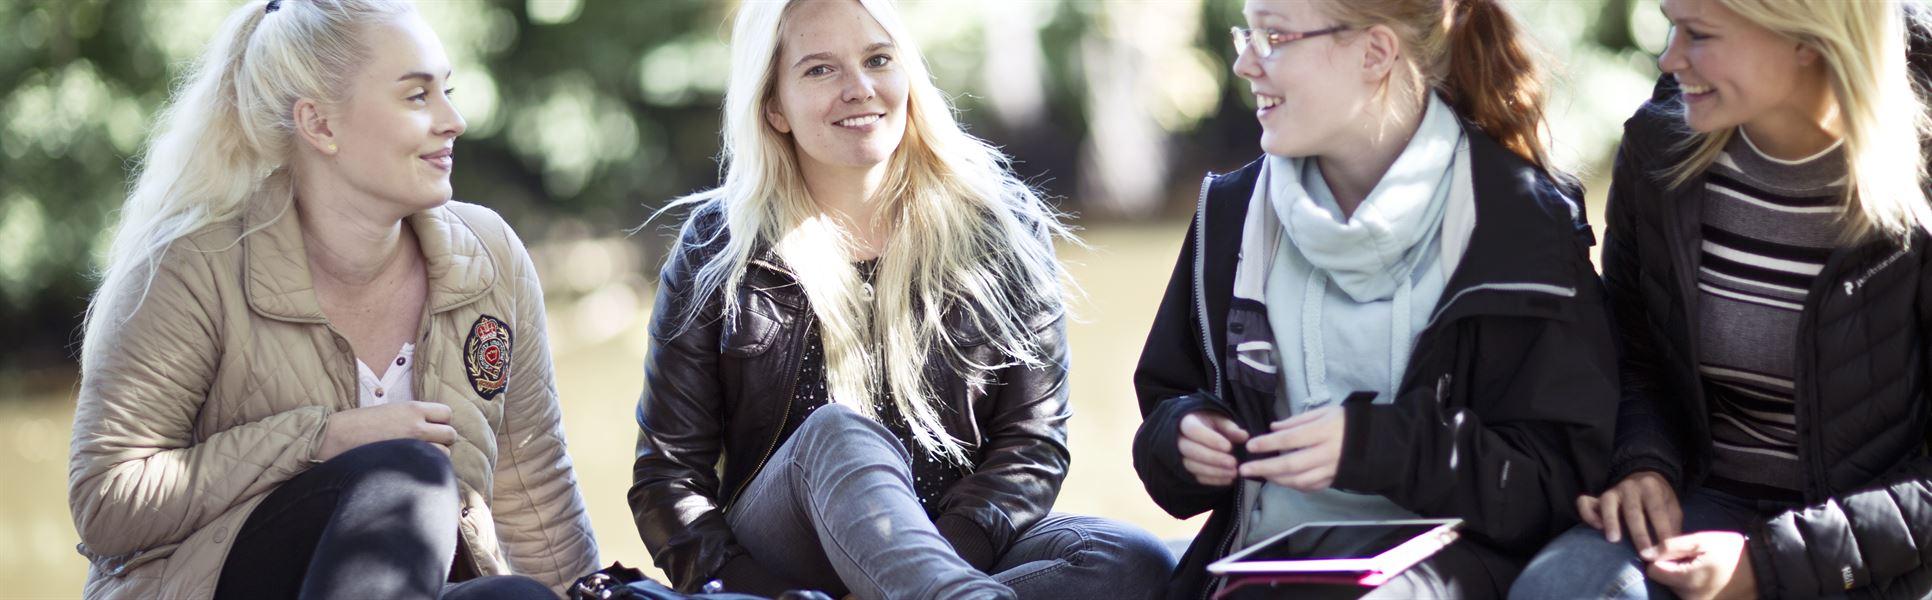 Studenter vid Selångersån